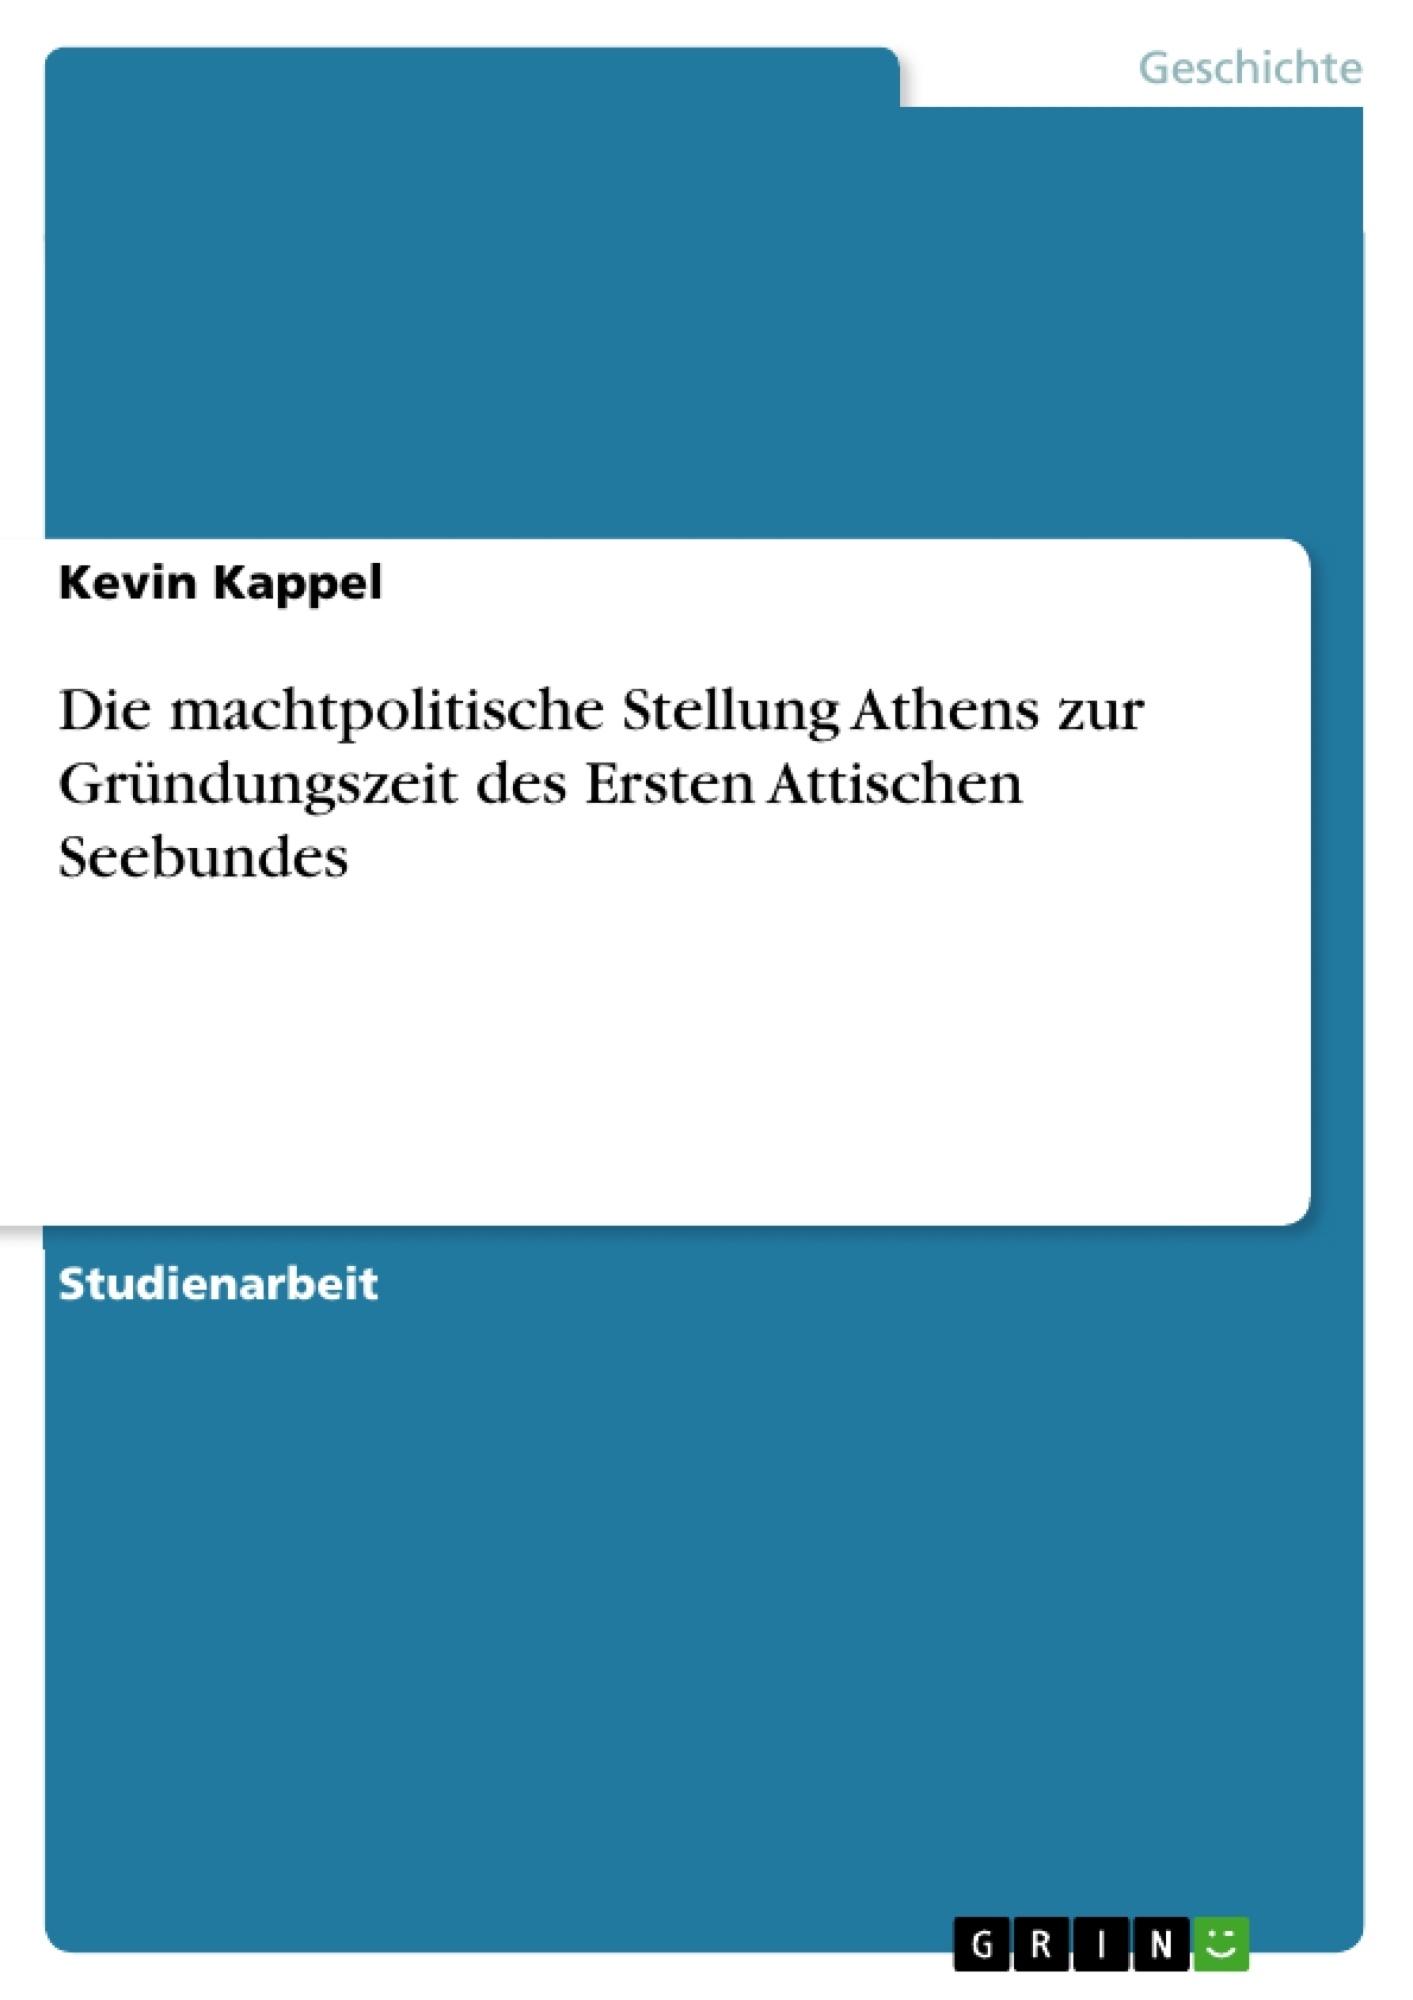 Titel: Die machtpolitische Stellung Athens zur Gründungszeit des Ersten Attischen Seebundes